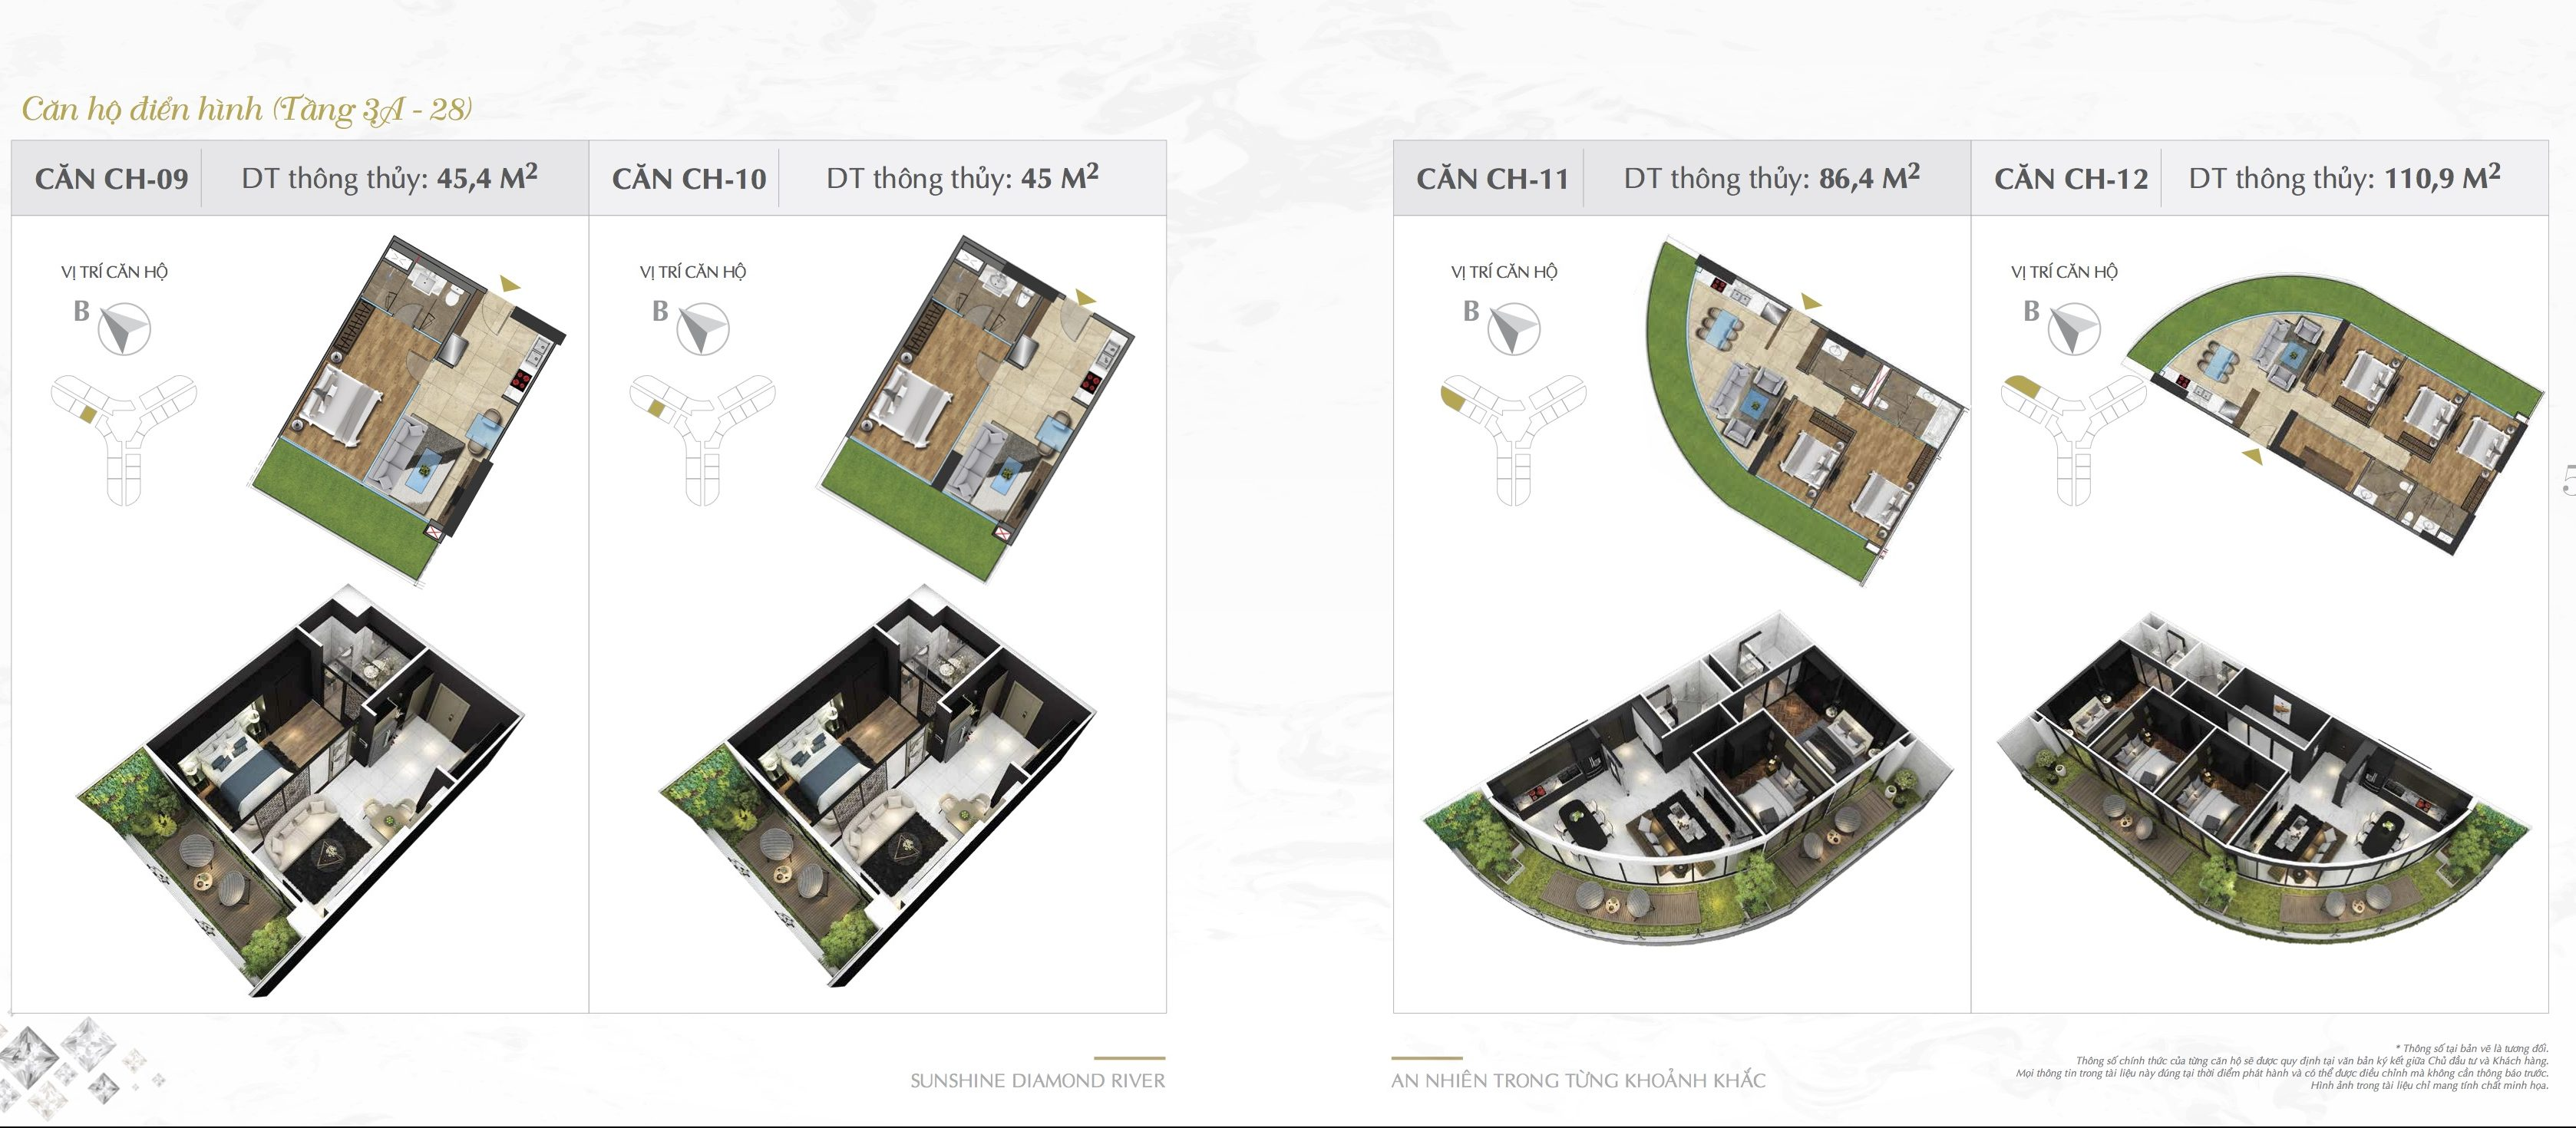 Thiết kế căn hộ Sunshine Diamond River 09-10-11-12